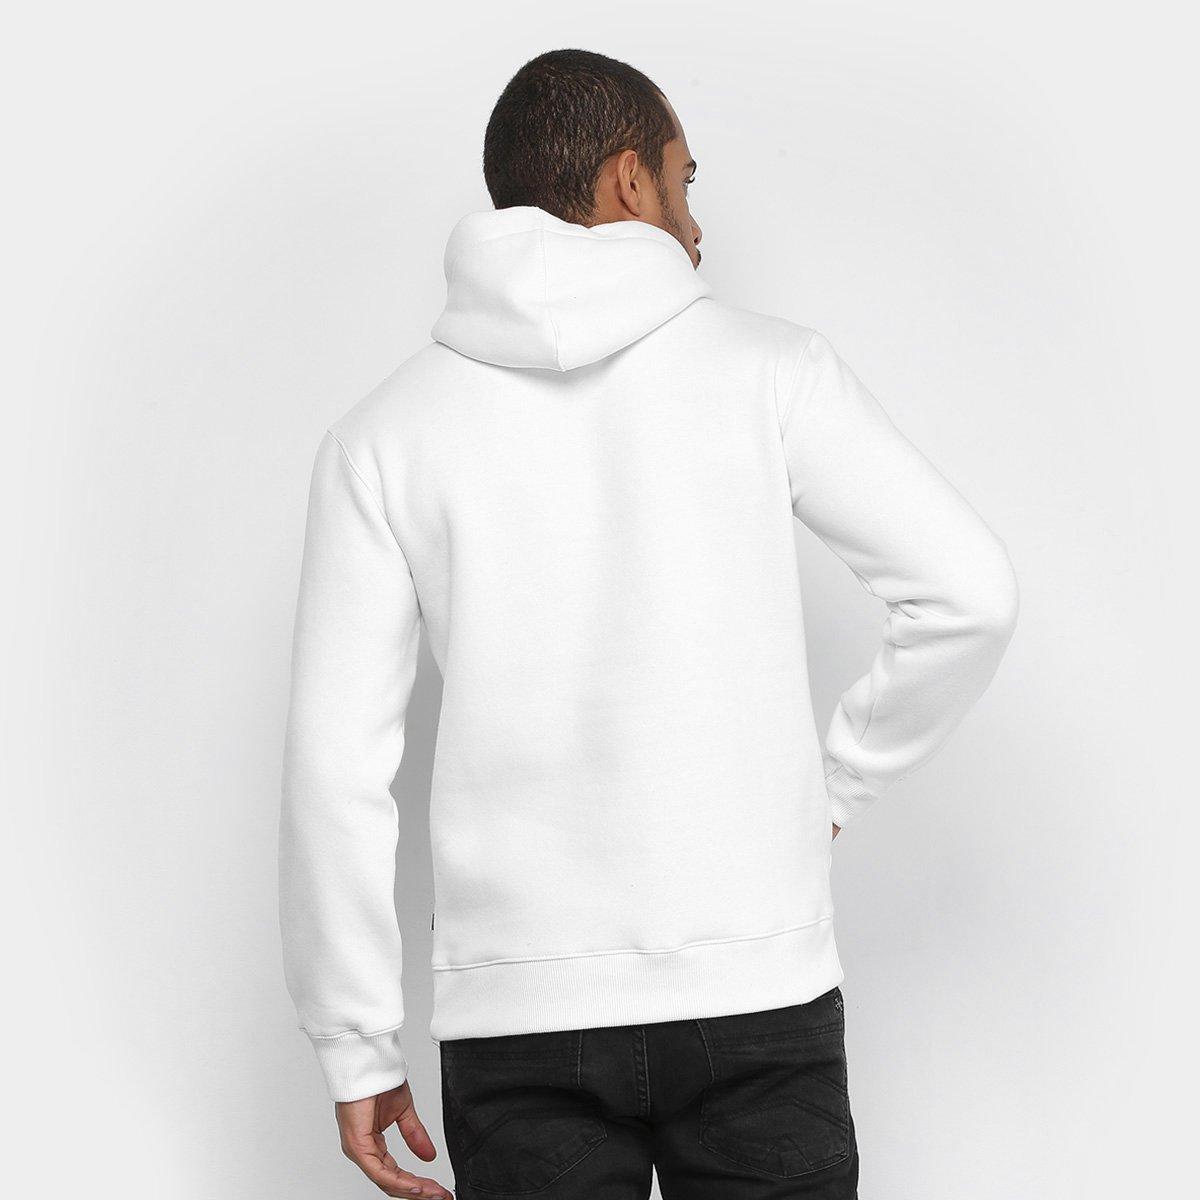 Moletom Oakley Mod One Brand 2.0 Pullover Masculino - Branco ... 7095f447ff